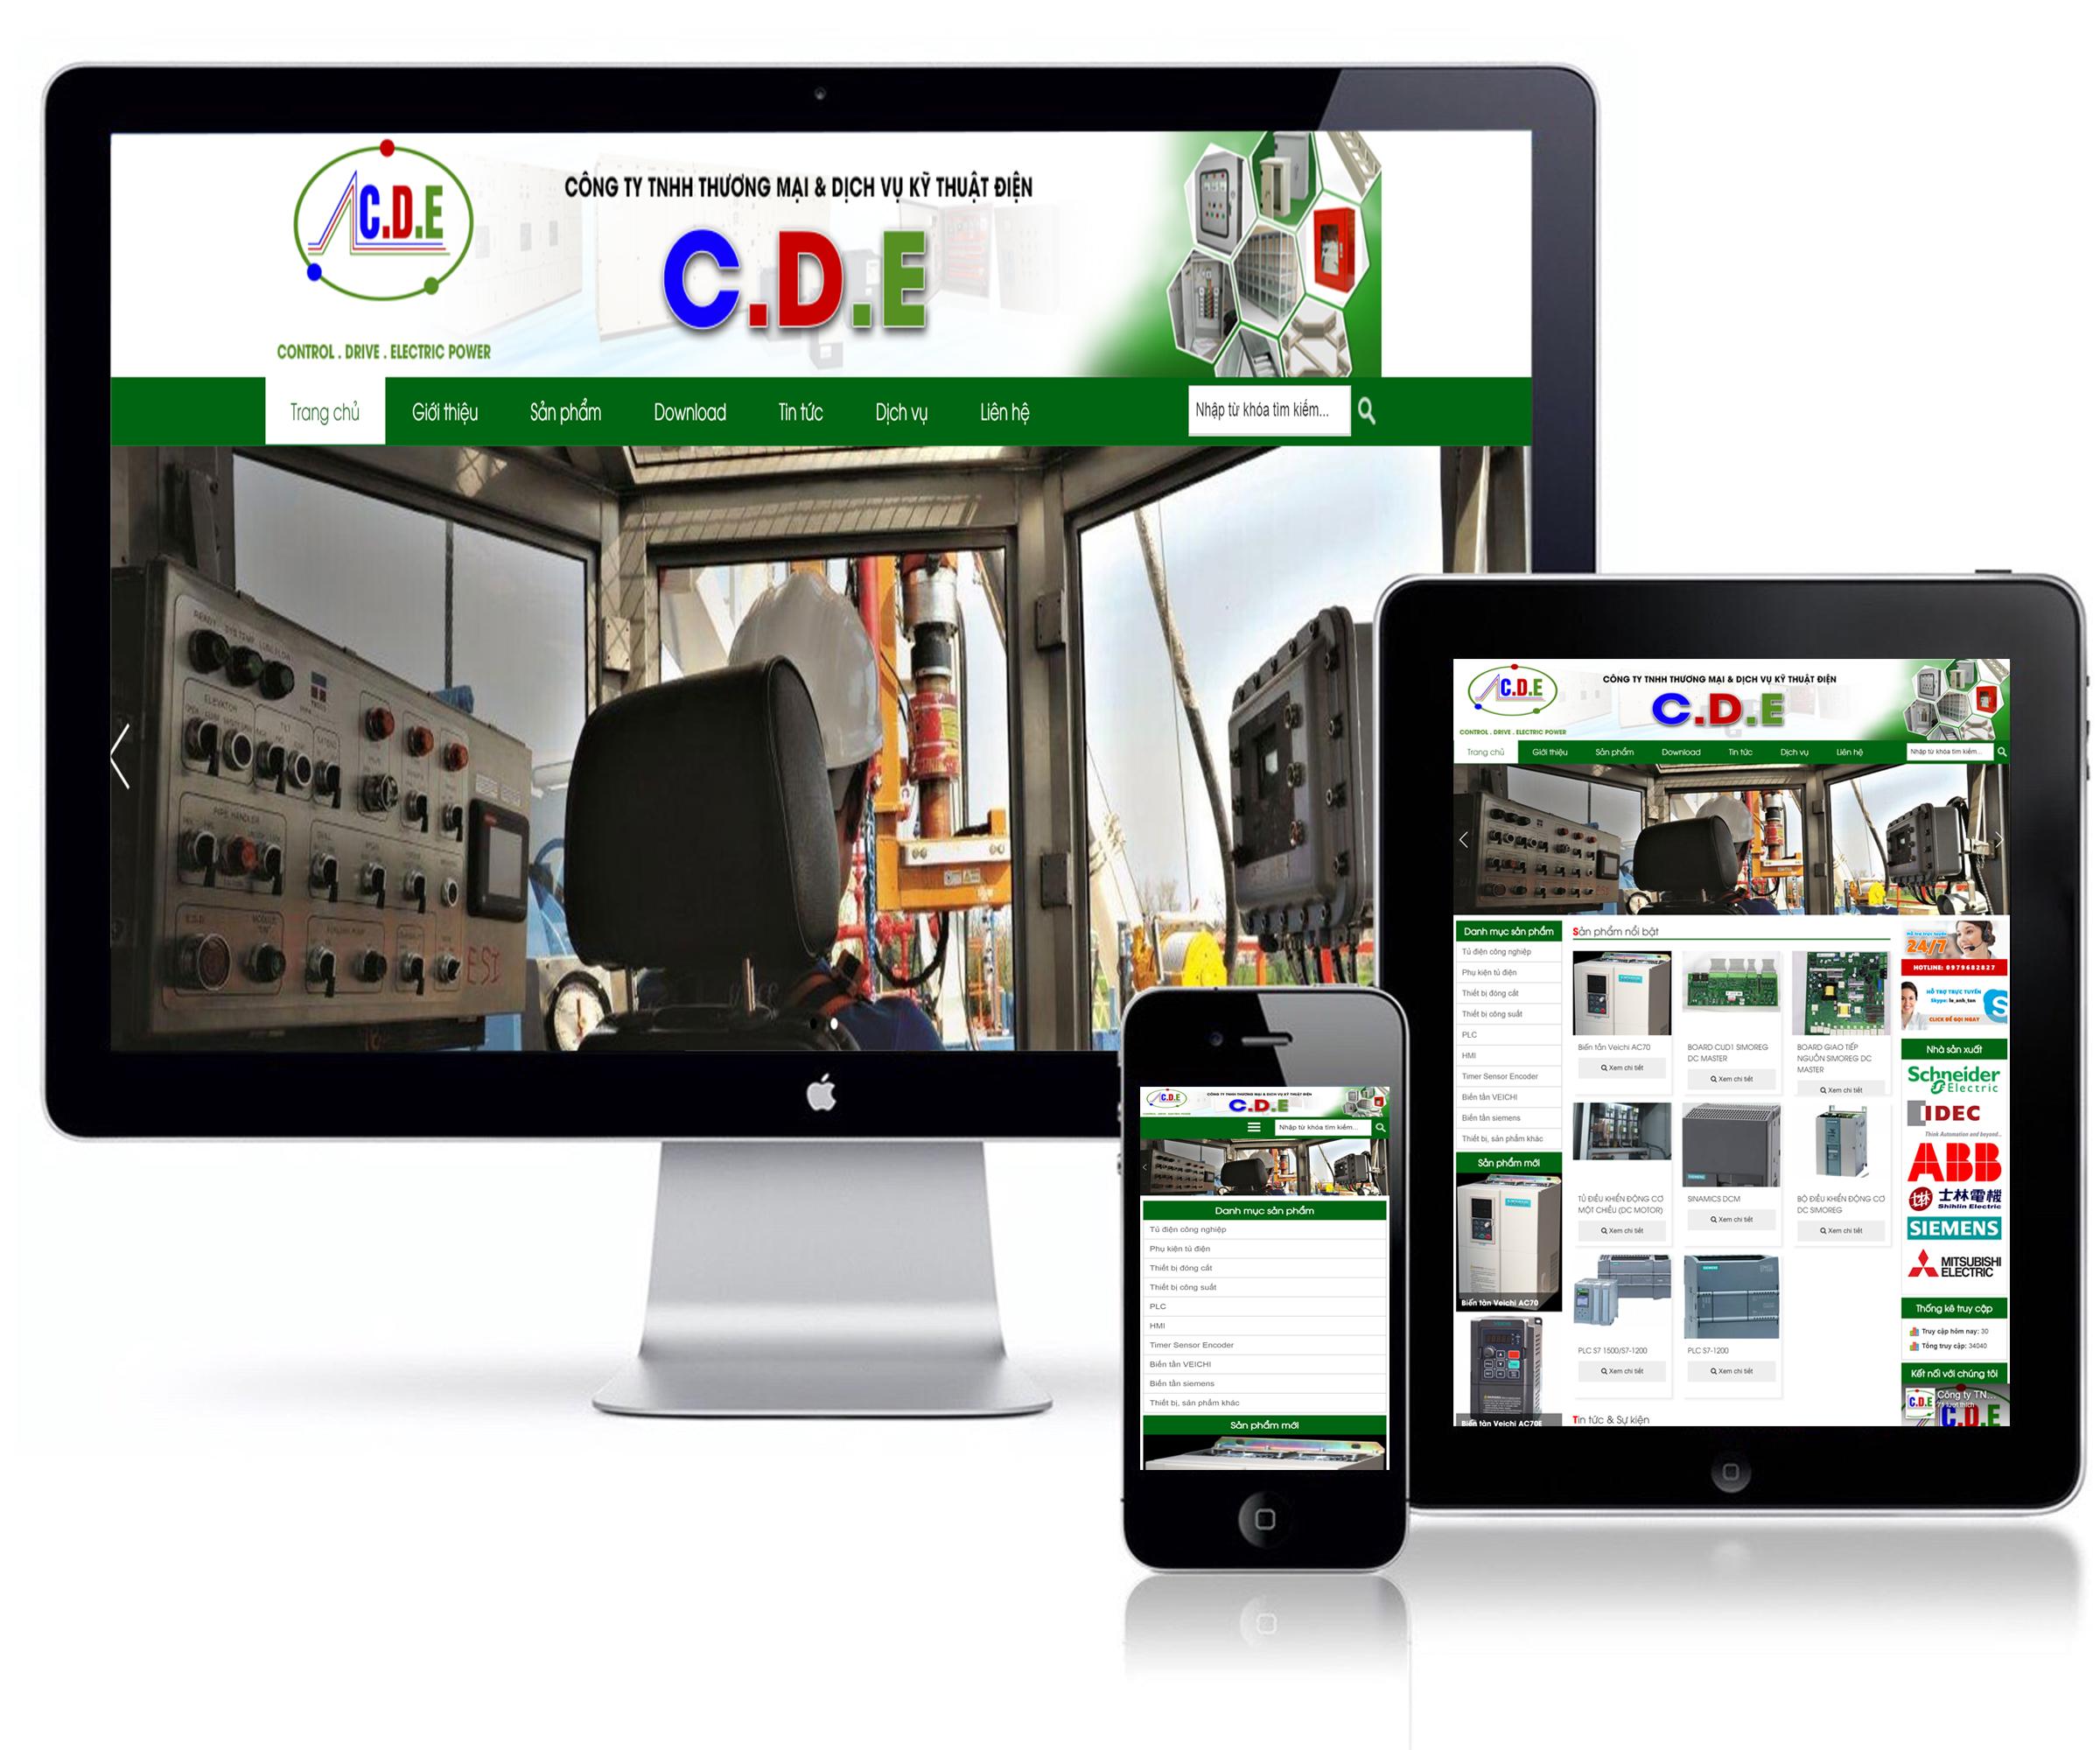 Công ty TNHH TM & DV kỹ thuật điện C.D.E